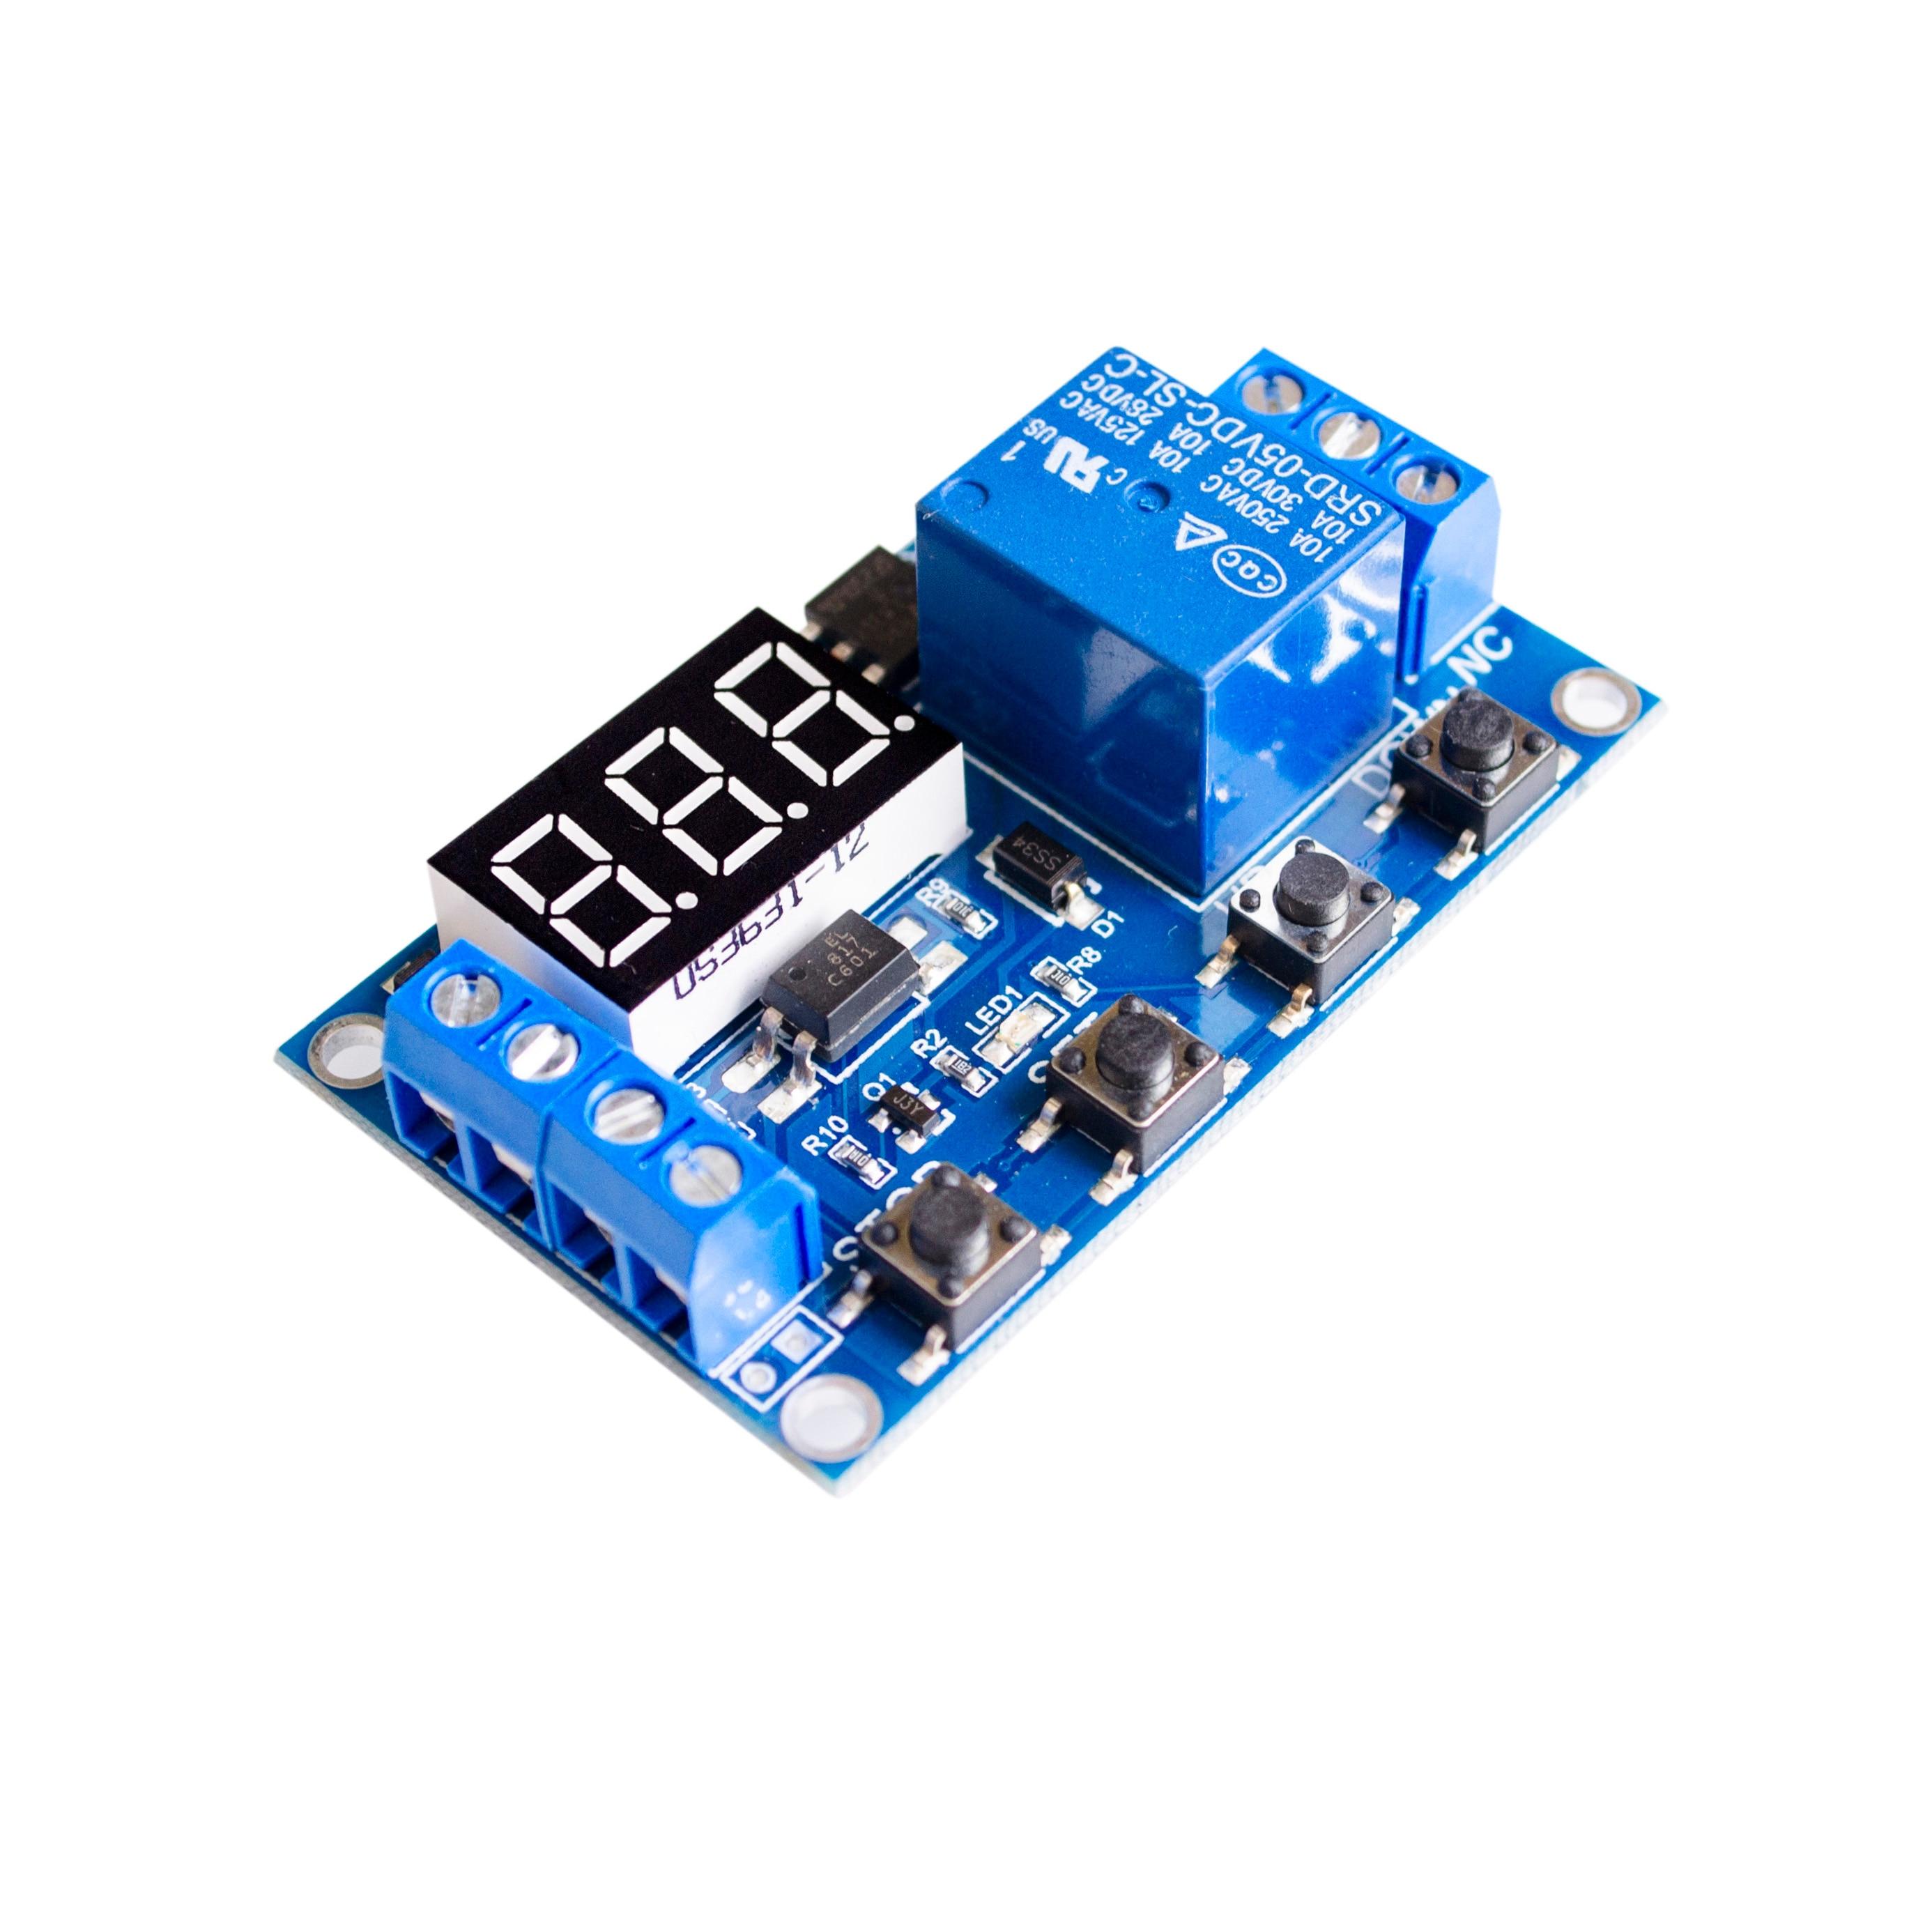 1 канал 5 В релейный модуль с задержкой времени релейный модуль, триггер с выключением/вкл циклом синхронизации 999 минут для релейной платы Rele